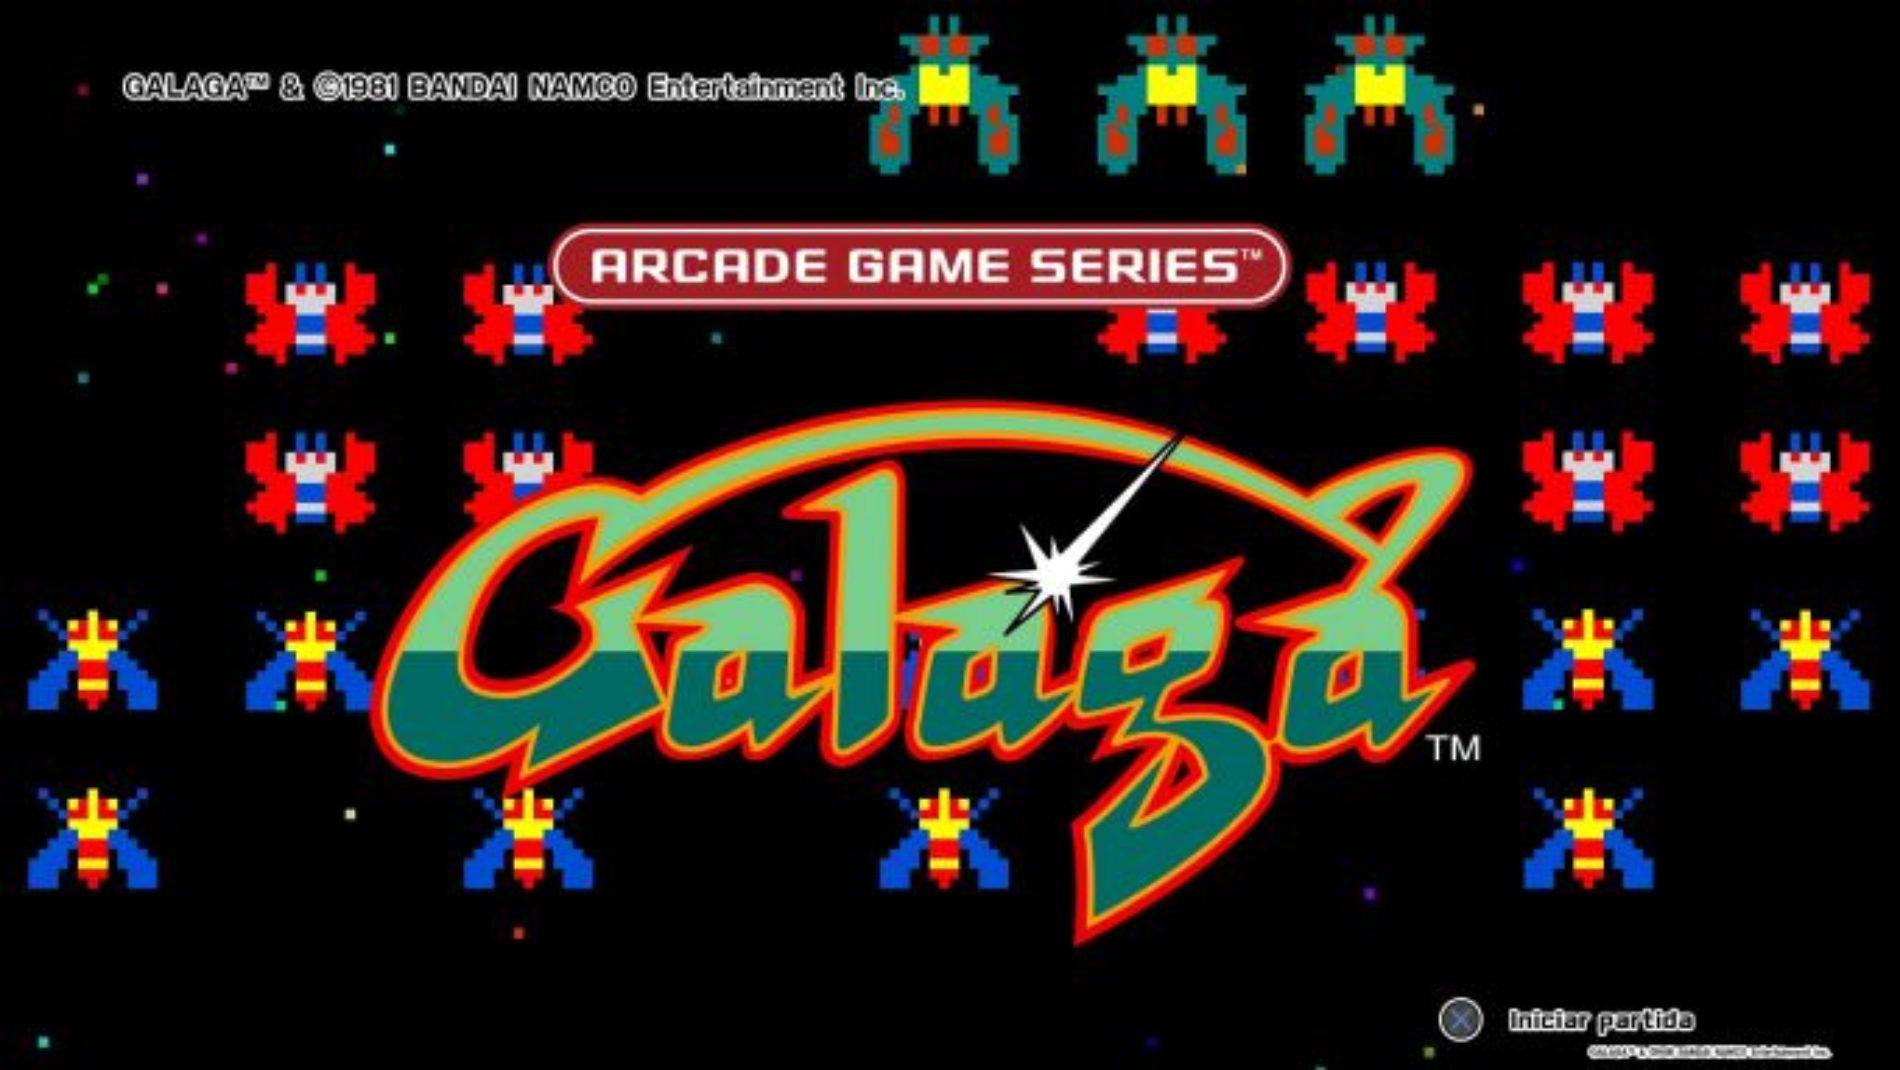 Producirá Roberto Orci una serie animada del videojuego de arcade, 'Galaga'